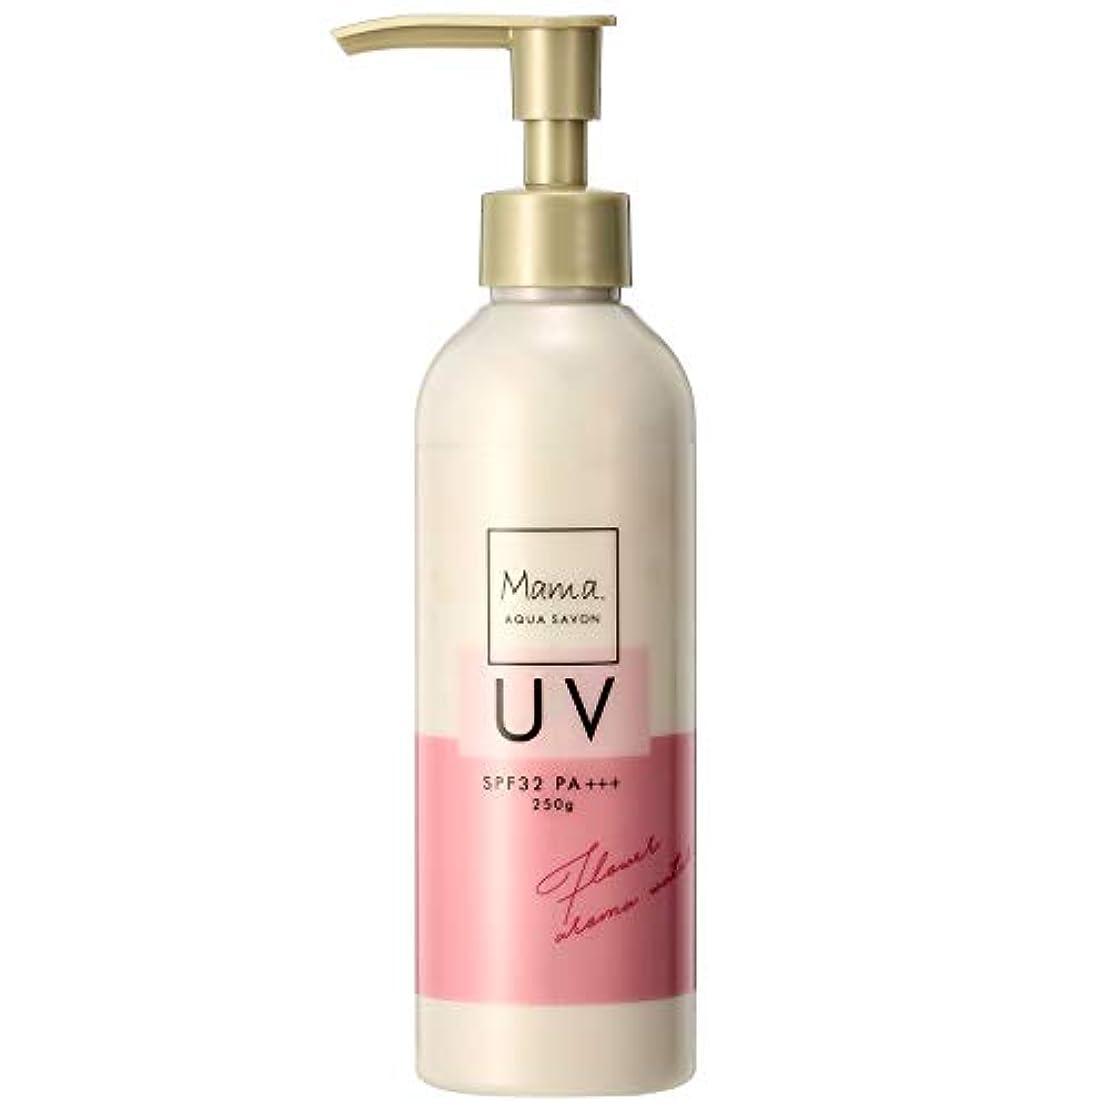 アンデス山脈海港スープママアクアシャボン UVモイストジェル フラワーアロマウォーターの香り 19S 250g